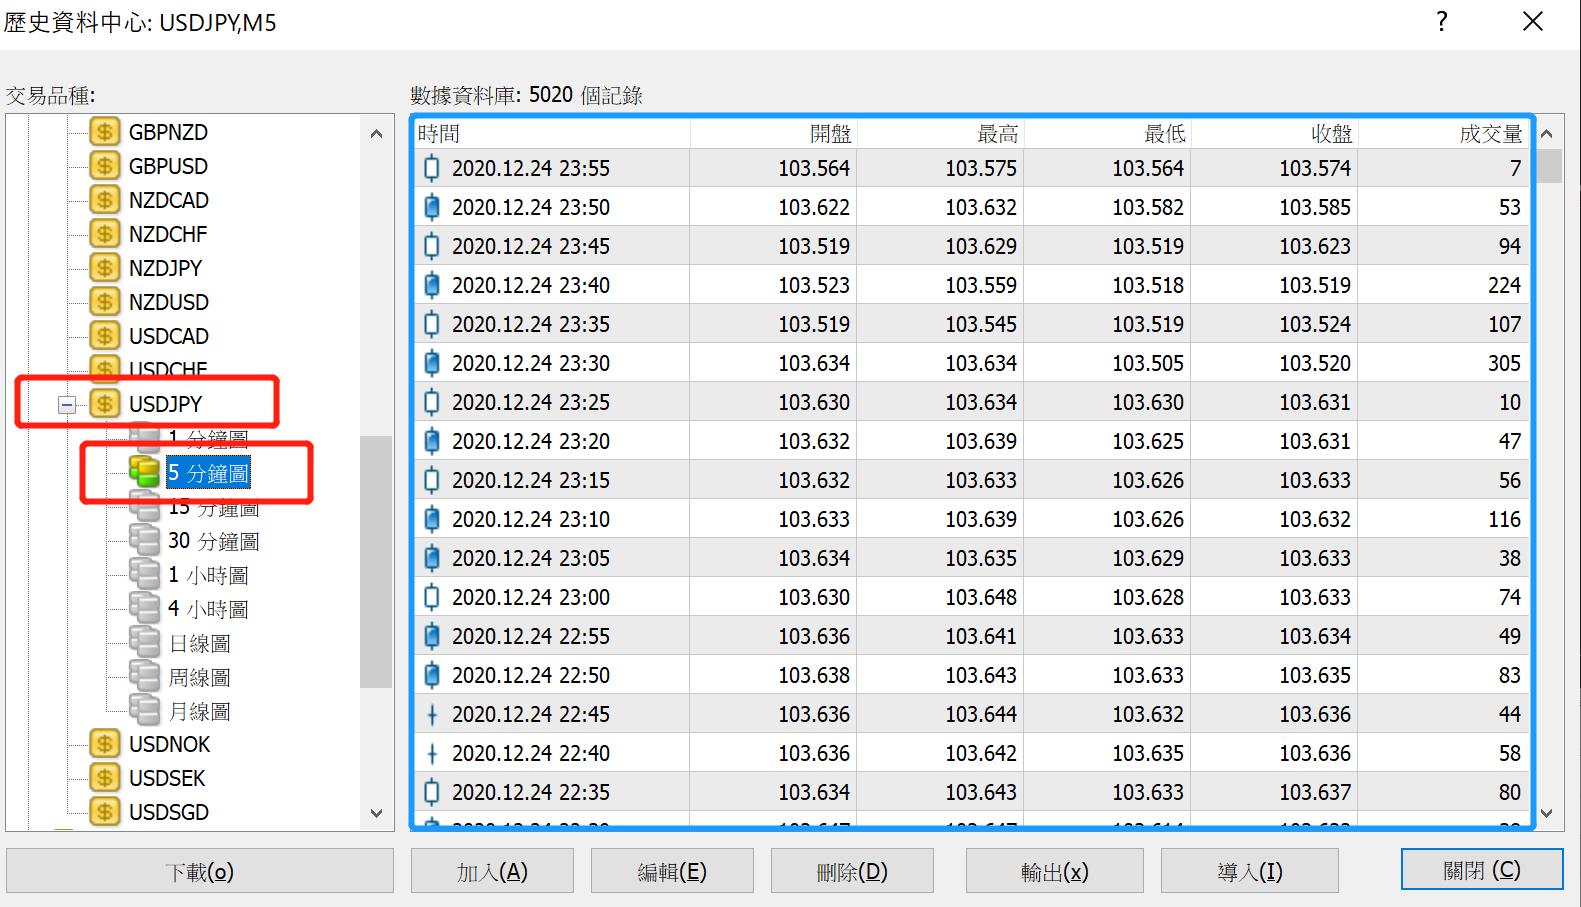 EA教學-歷史資料中心-美元日圓5分鐘圖